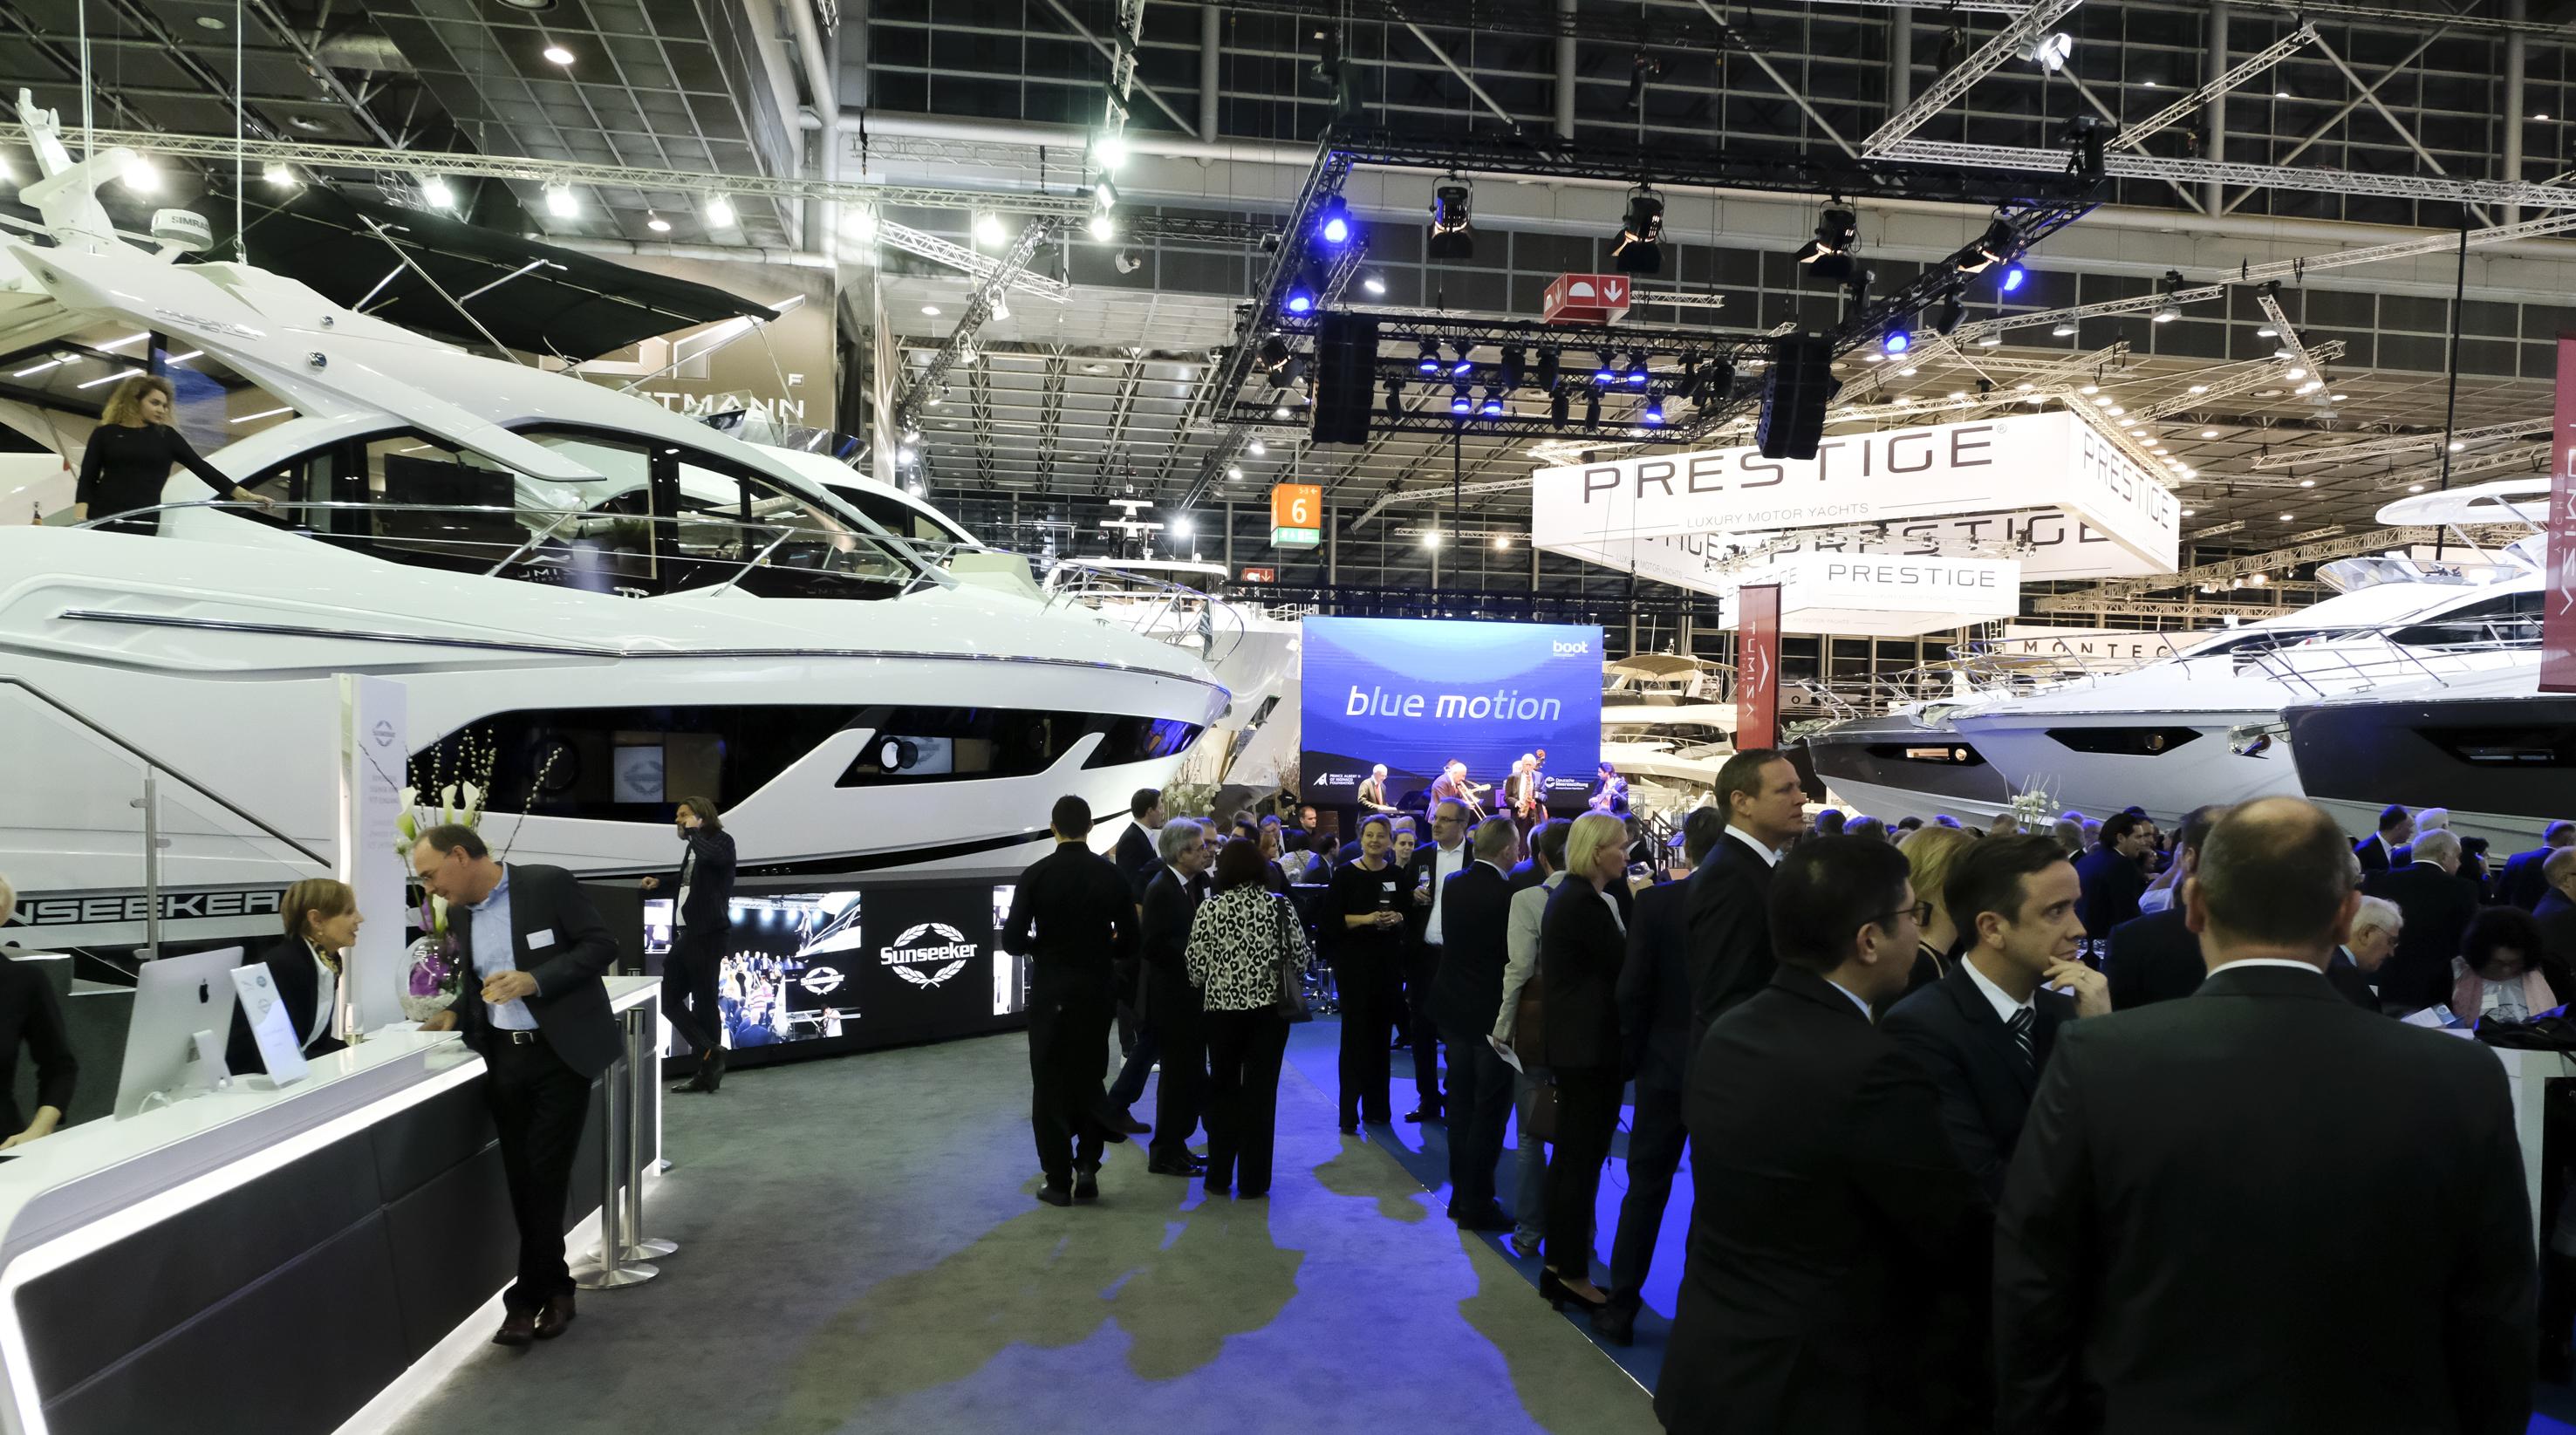 8e9449f20 Niebawem Boot 2019 w Düsseldorfie - jedna z największych na świecie wystaw  łodzi i jachtów - Expovortal